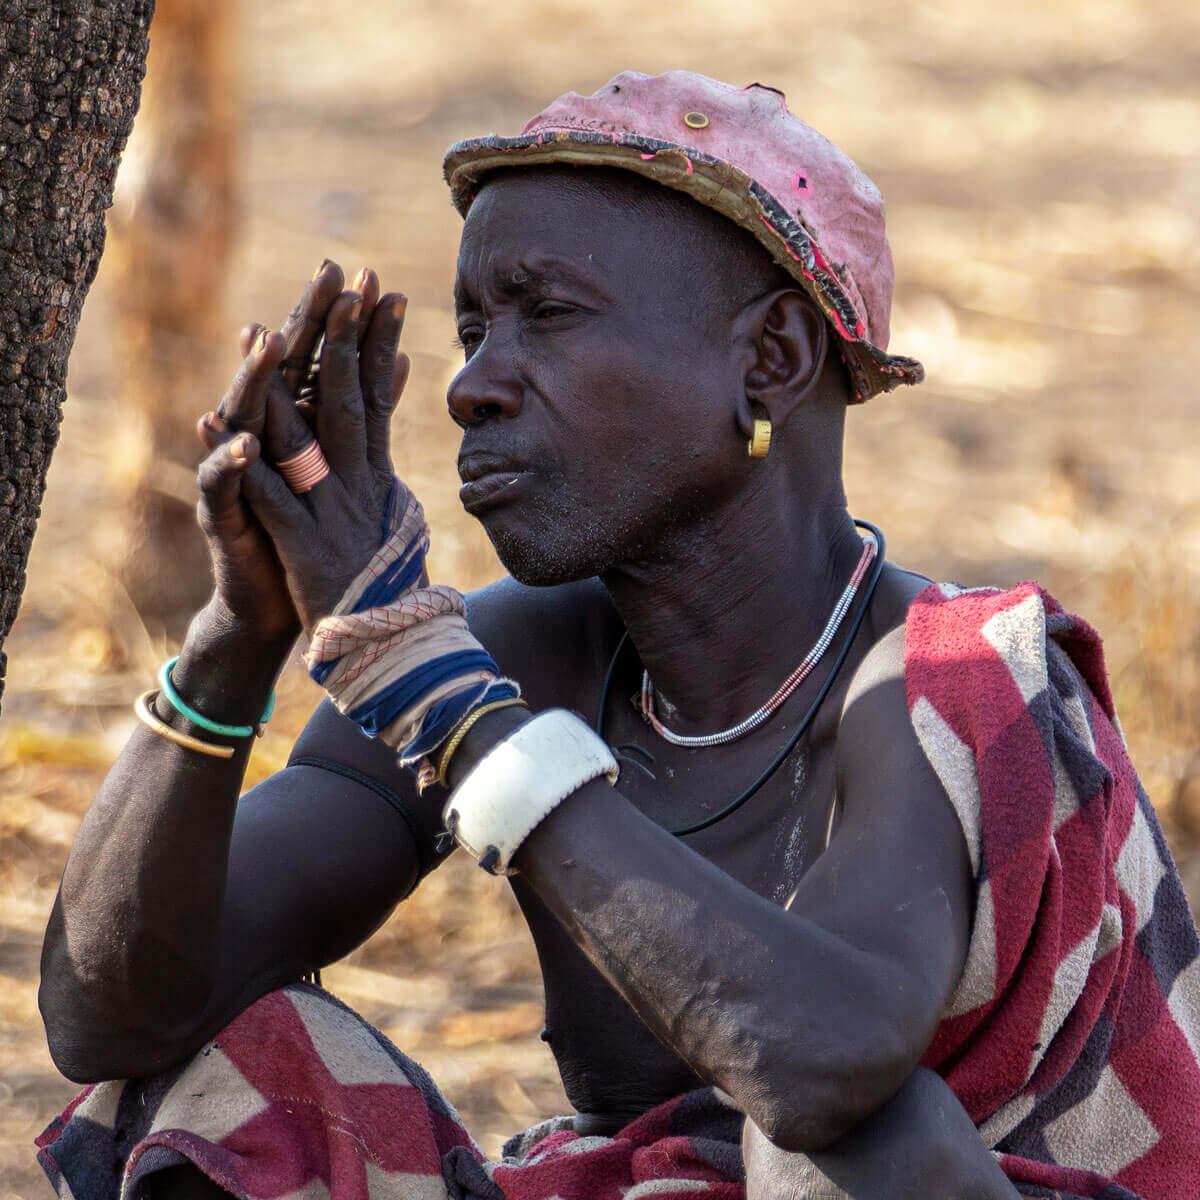 Ehiopia_Mursi_man_tribe_Surma_Suri_village_Jinka_Africa_traveling_tours_country_visiting_adventuresinethiopia